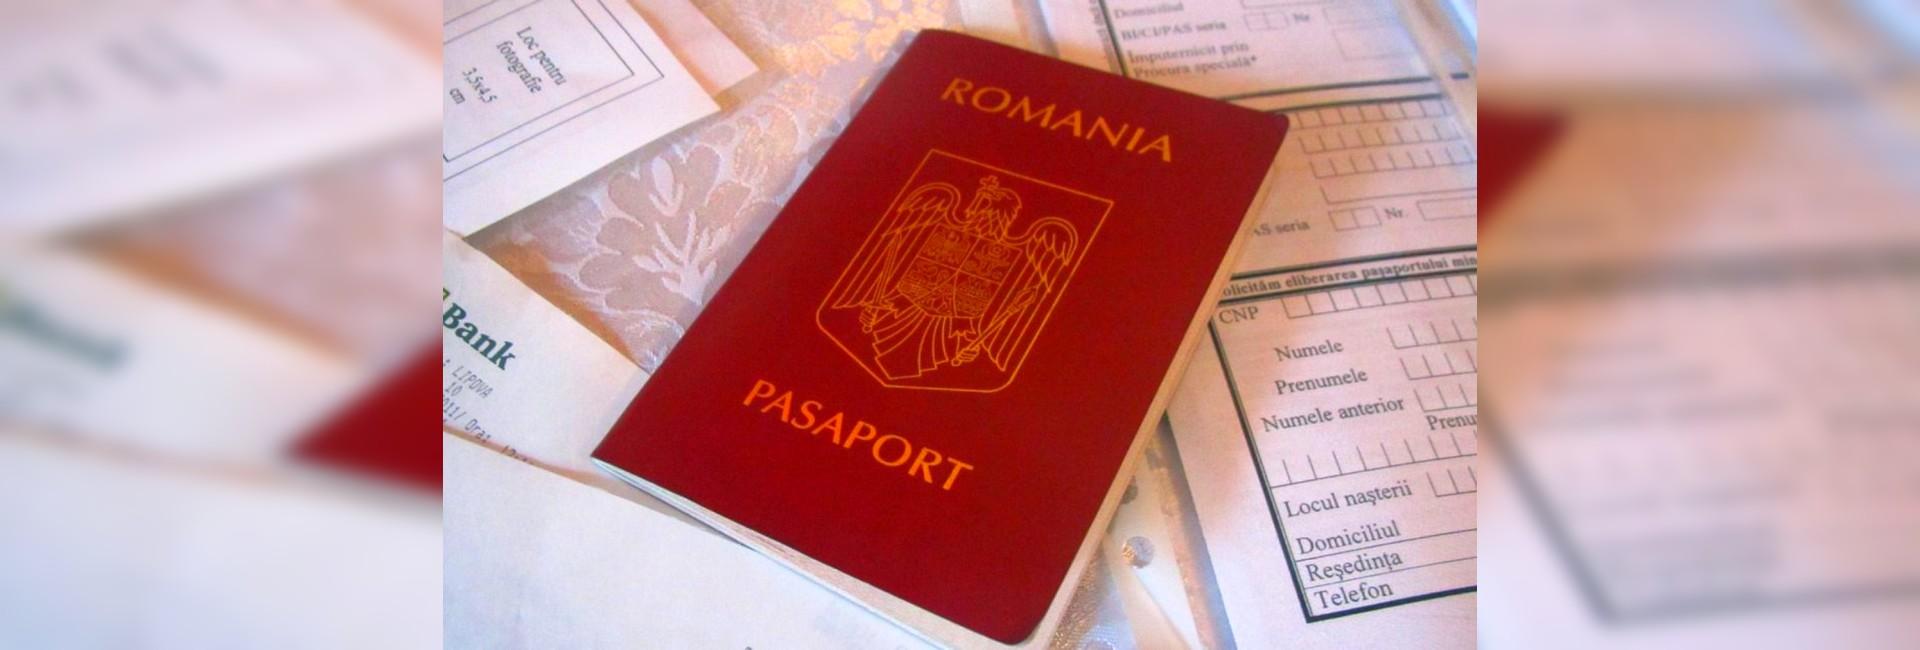 exodul românilor trei milioane de români în altă ţară după 1989 cântecul de sirenă slider